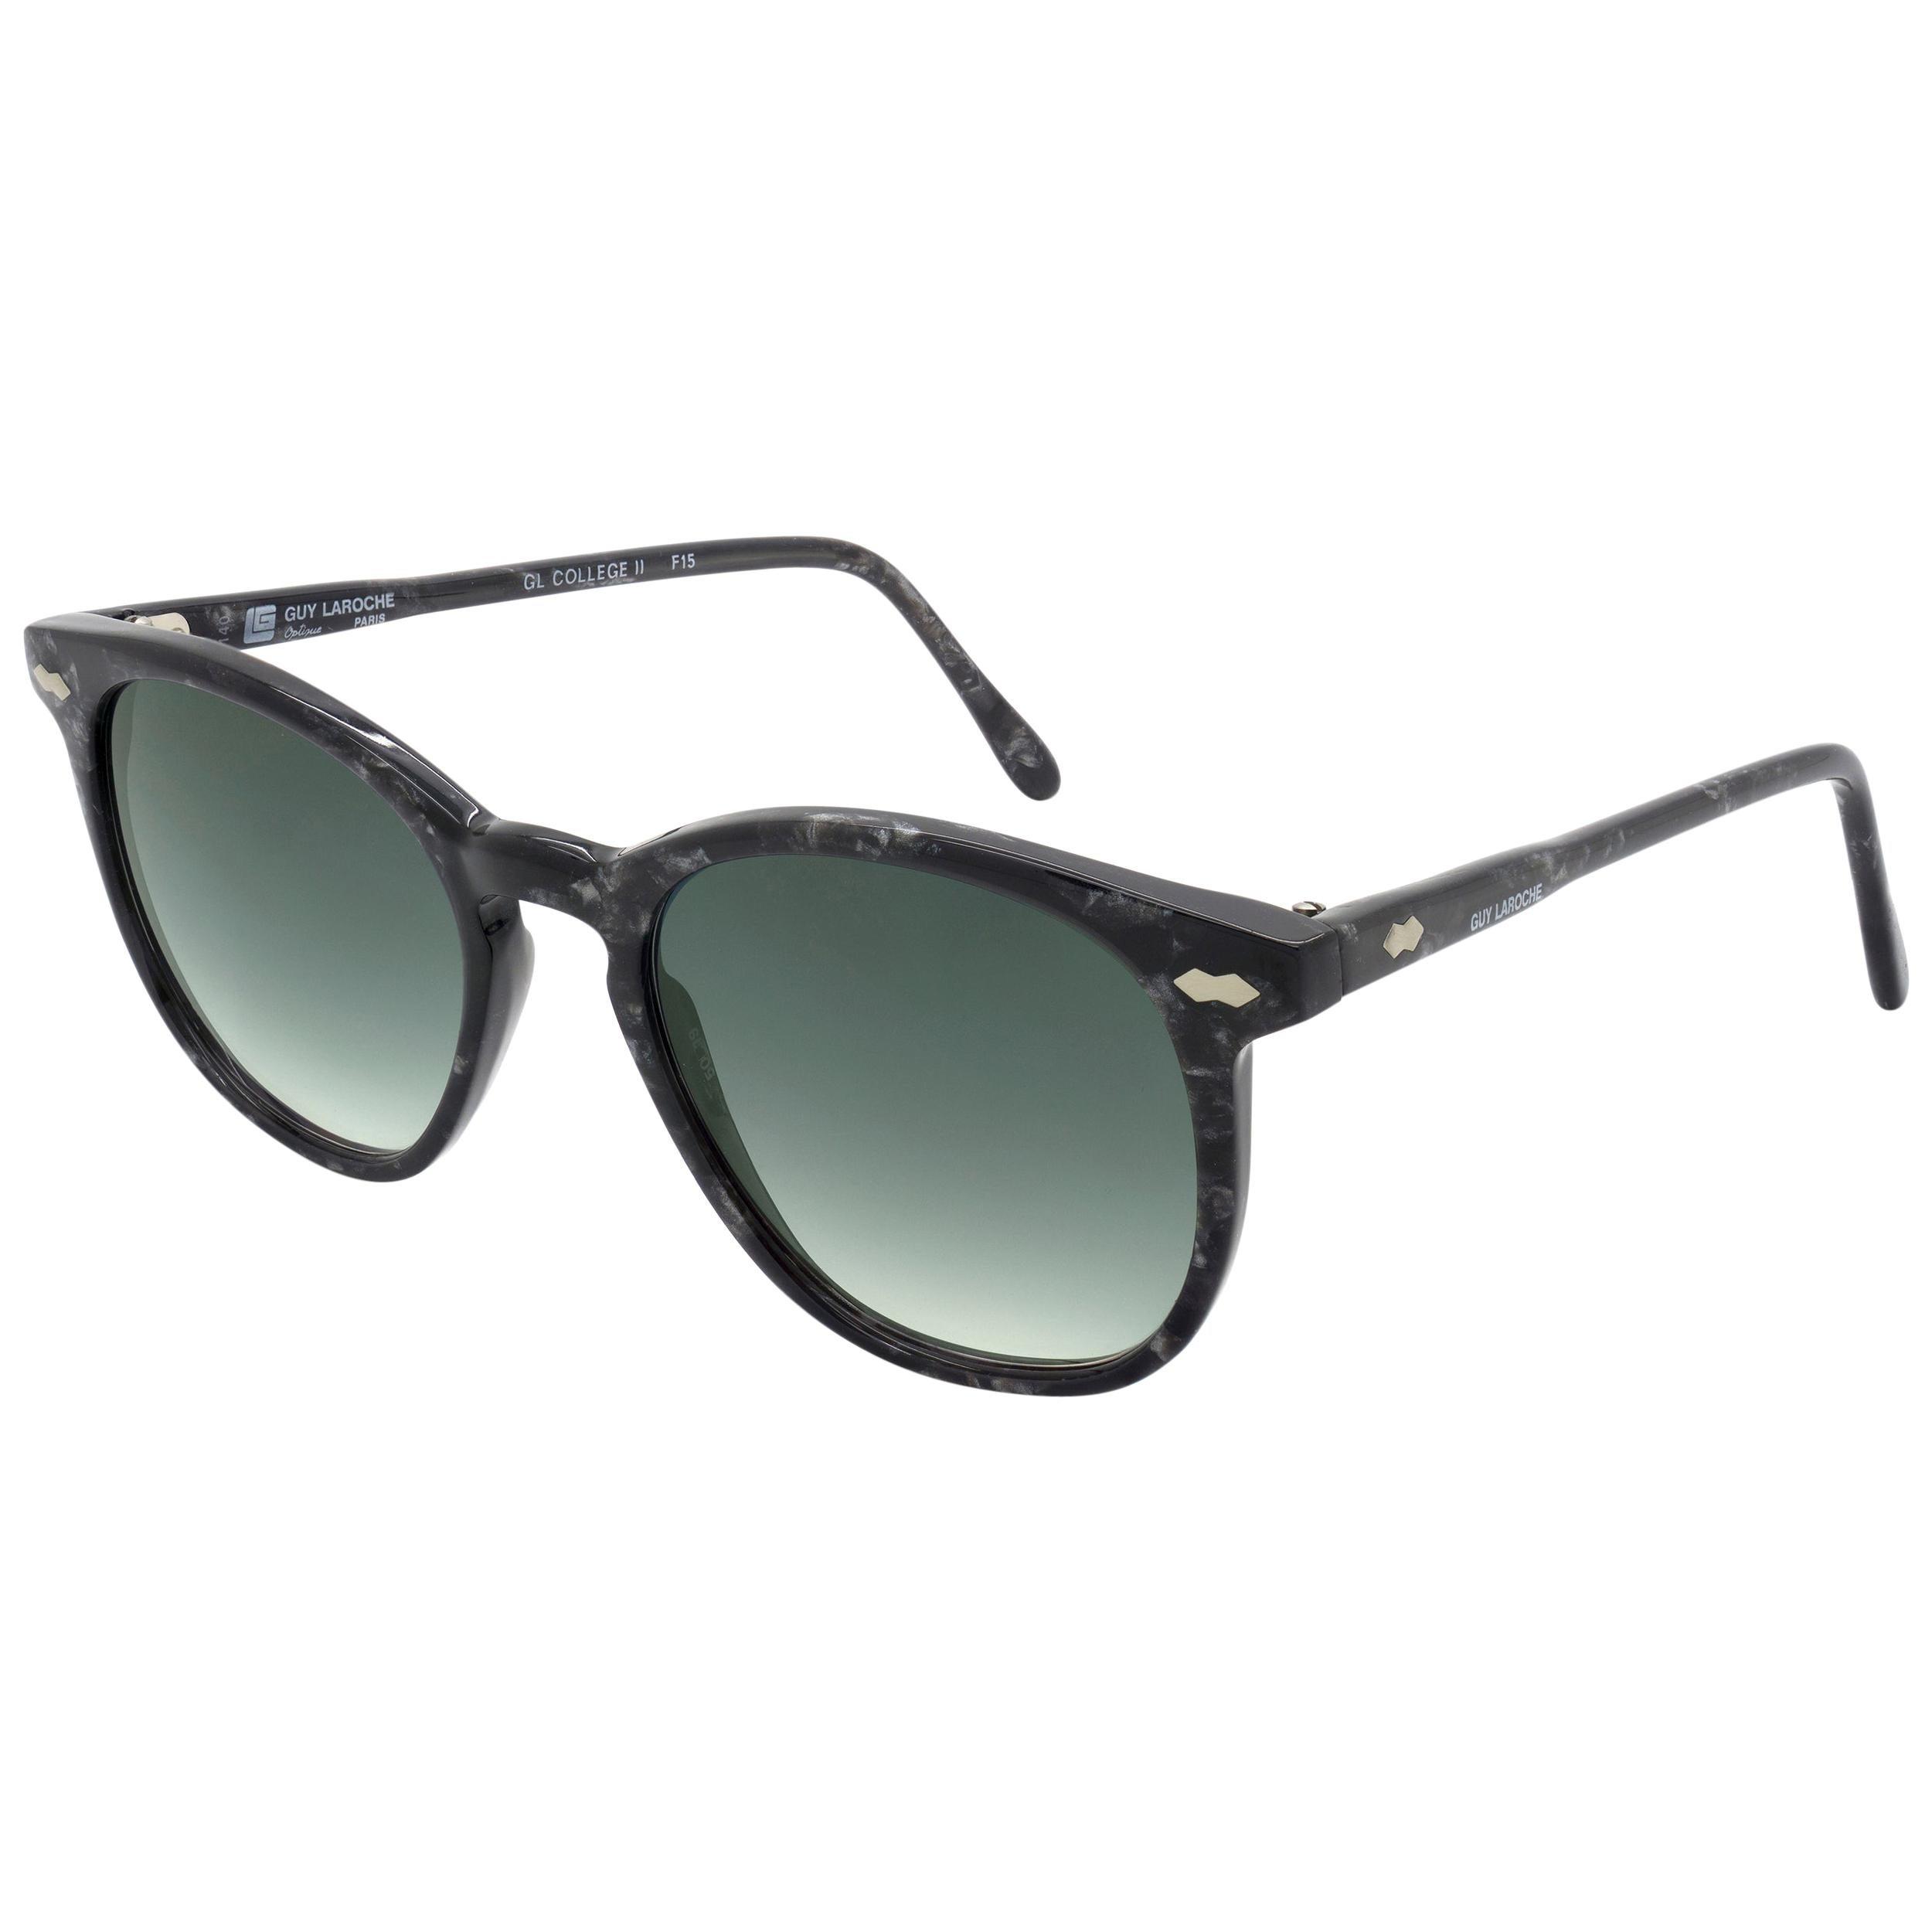 Guy Laroche vintage sunglasses preppy, made in France